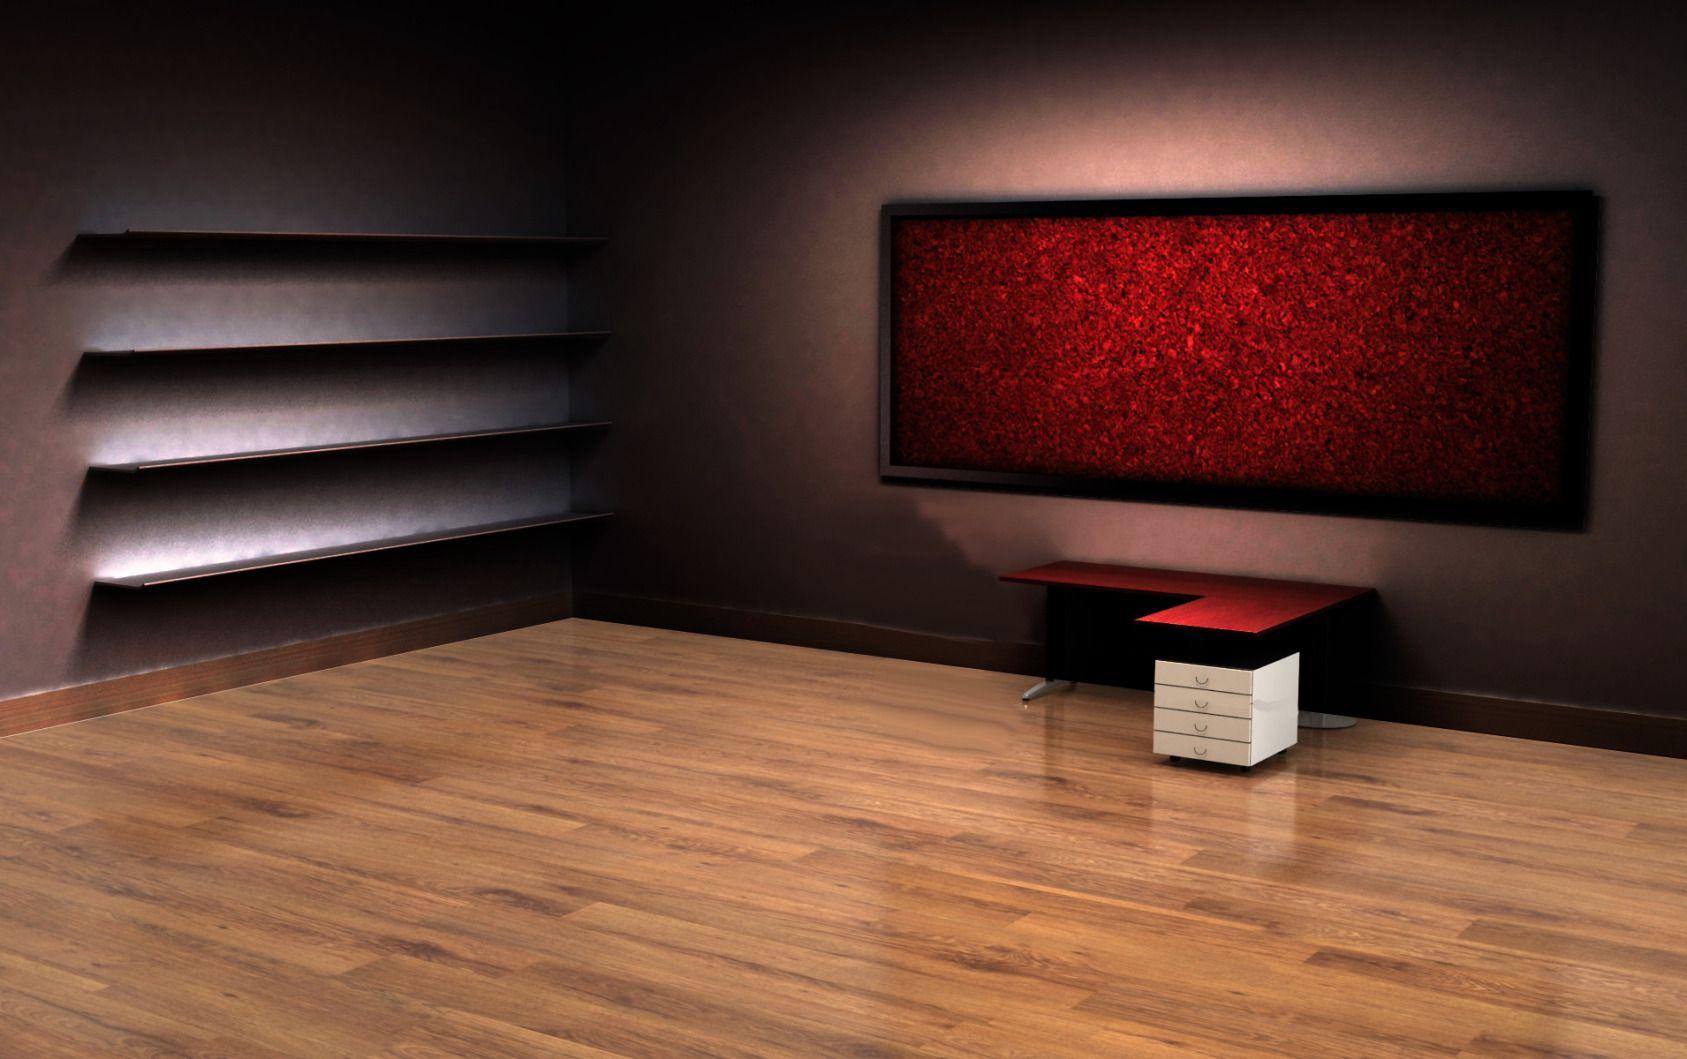 Hd Exclusive Sfondo Desktop Con Scrivania E Scaffali Sfondo